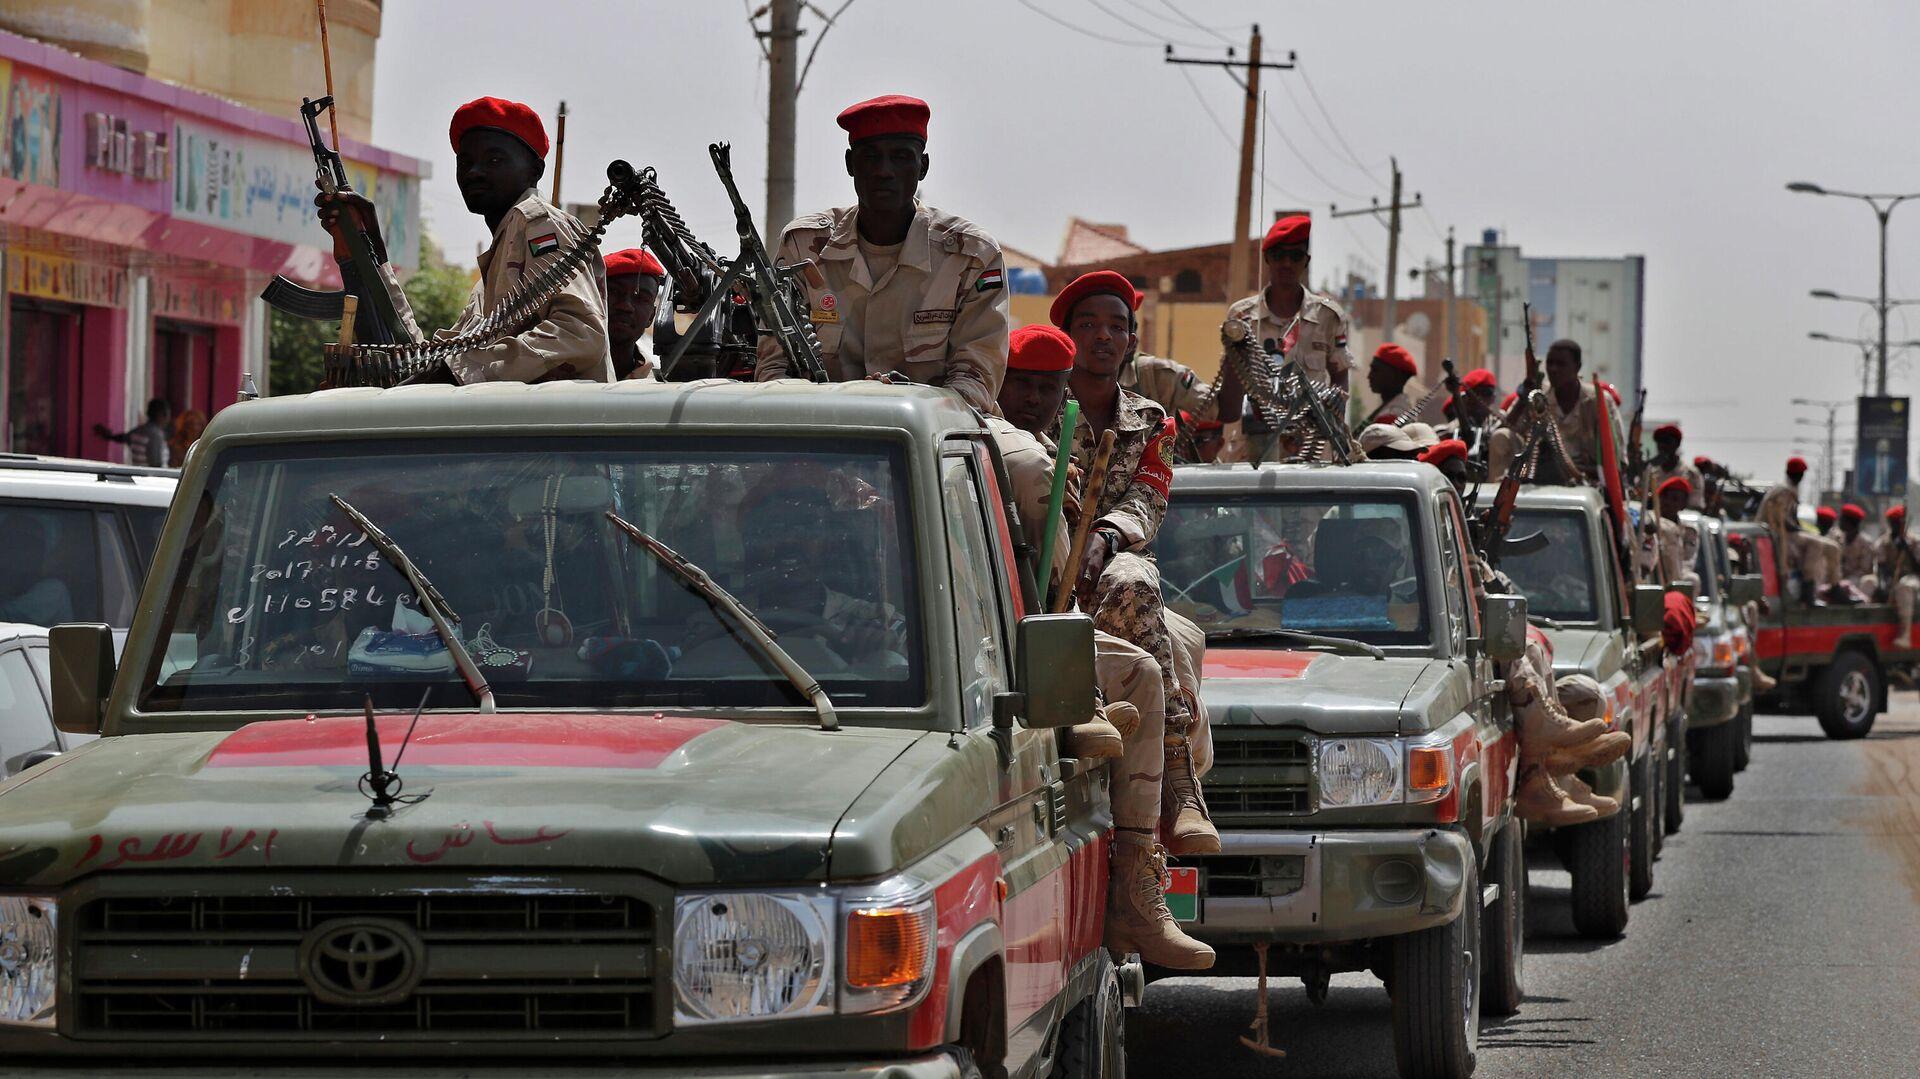 Суданские военнослужащие из формирования Силы быстрой поддержки в Хартуме, Судан  - РИА Новости, 1920, 19.05.2021